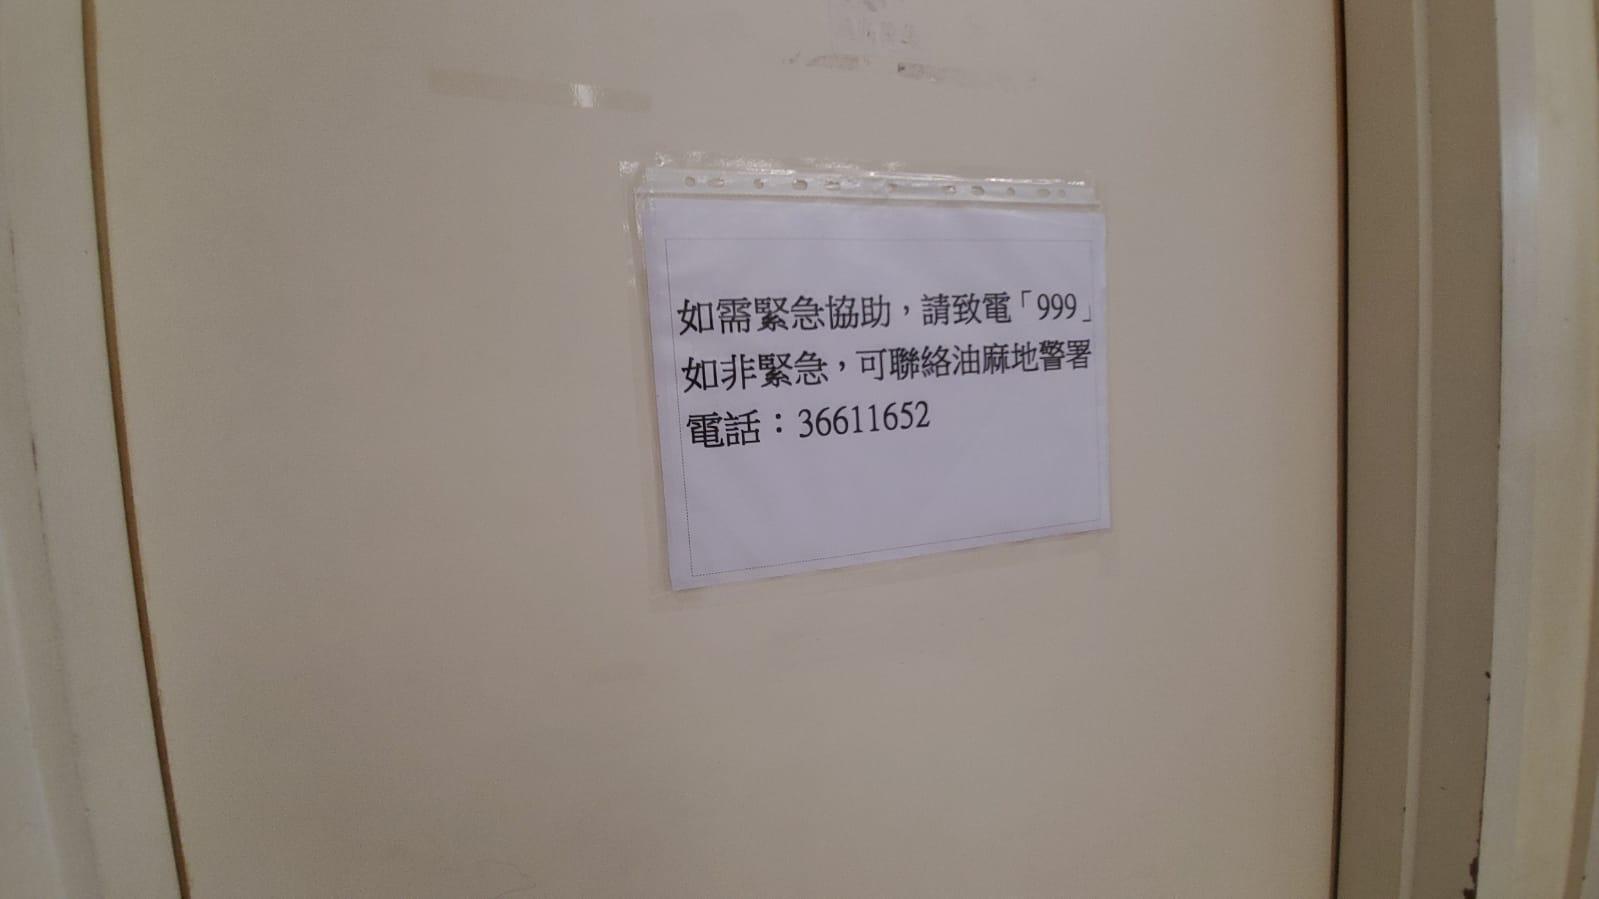 警崗門外貼出告示。